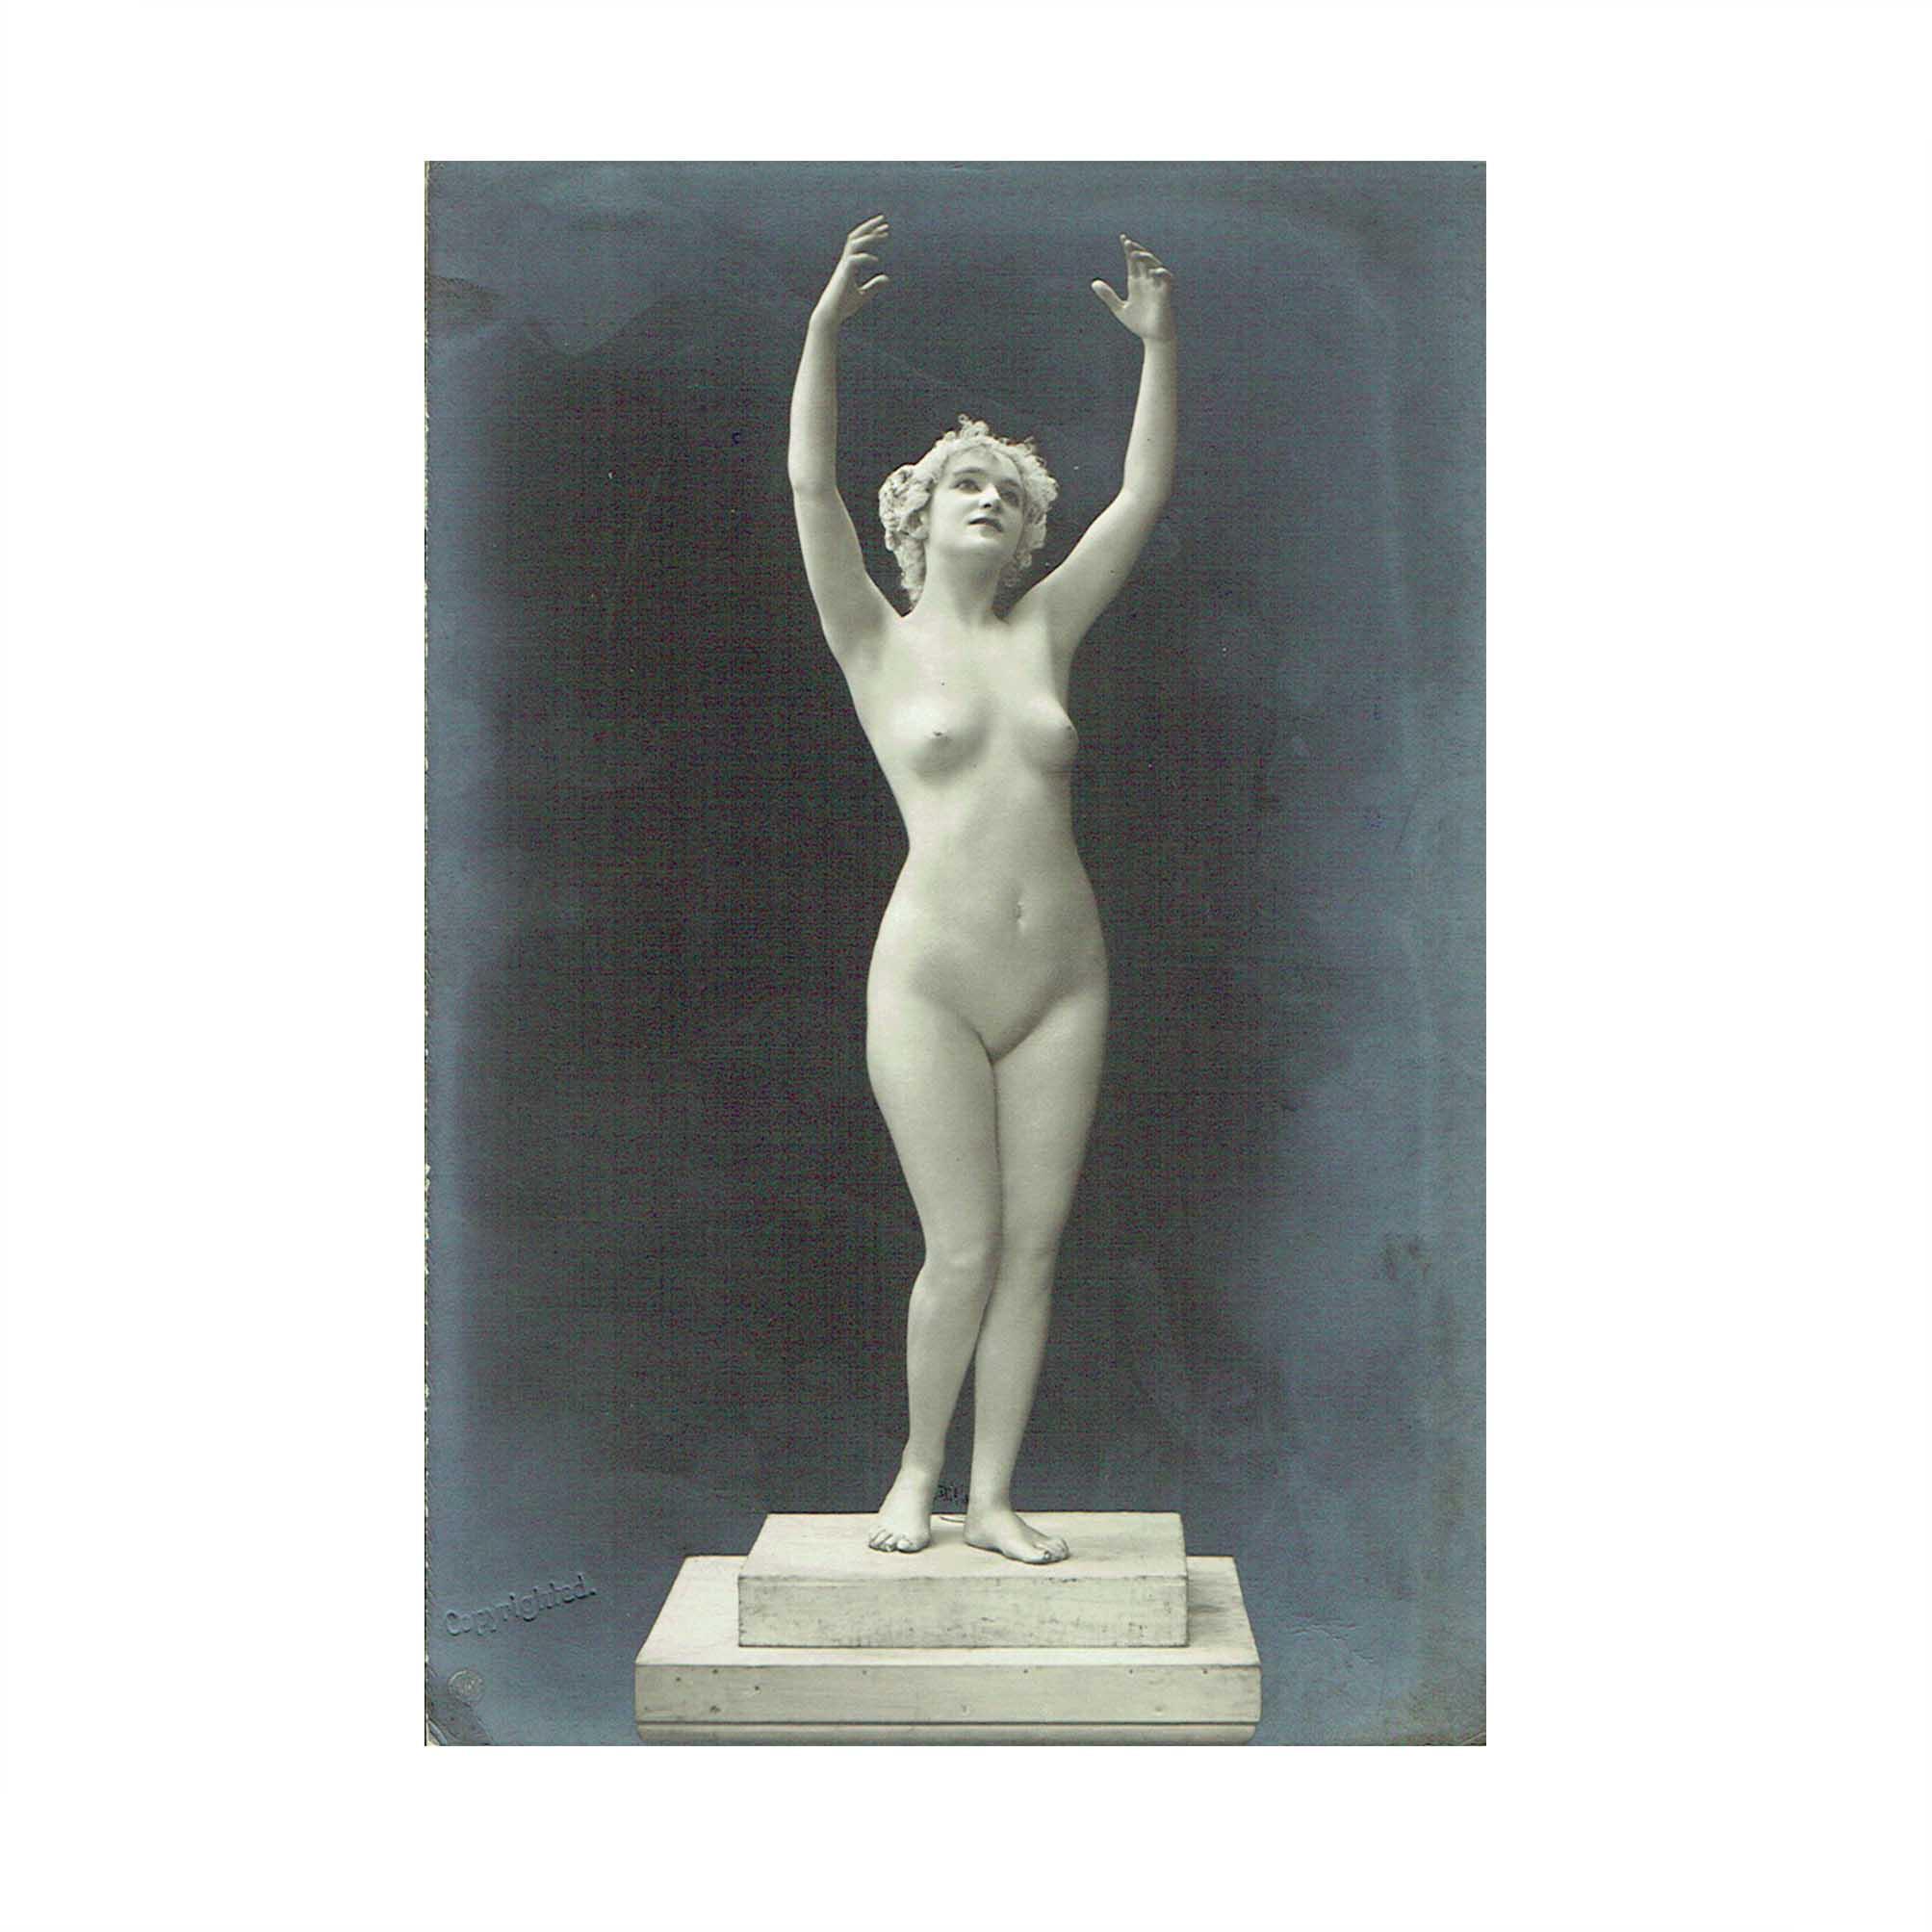 5600-Skowranek-Desmond-Marmor-Bildwerke-Gebet-1909-N.jpg